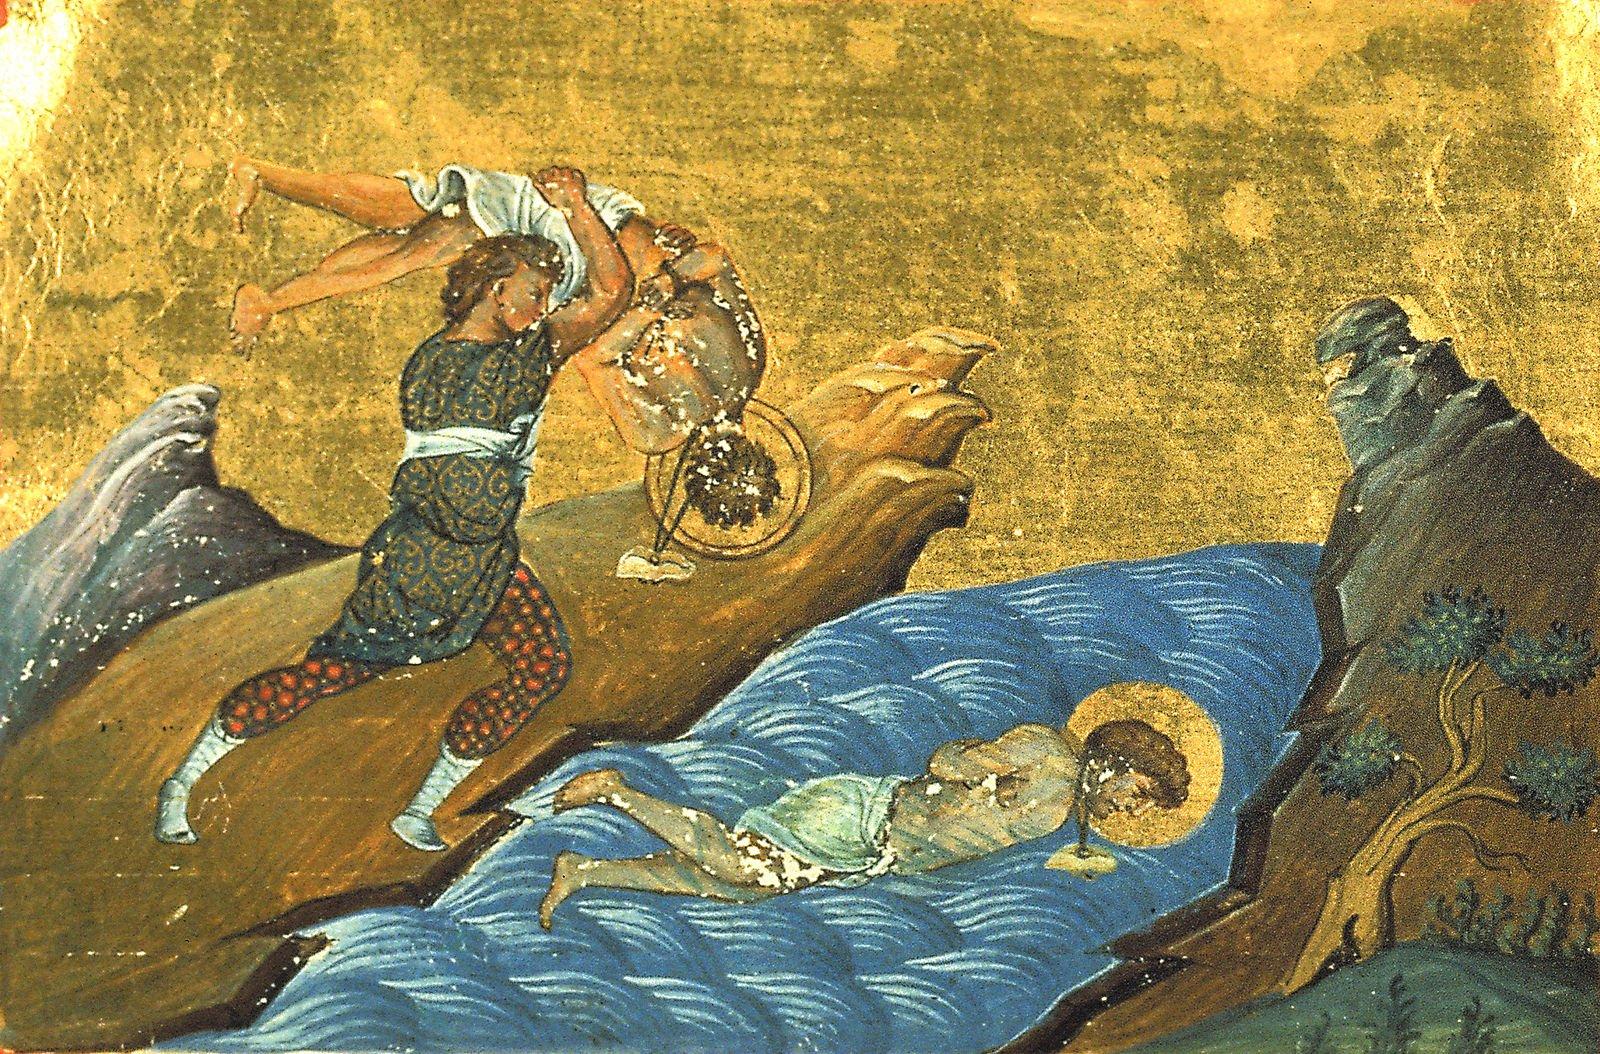 Какой церковный праздник сегодня 26 января 2021 чтят православные: Ермилов день отмечают 26.01.2021